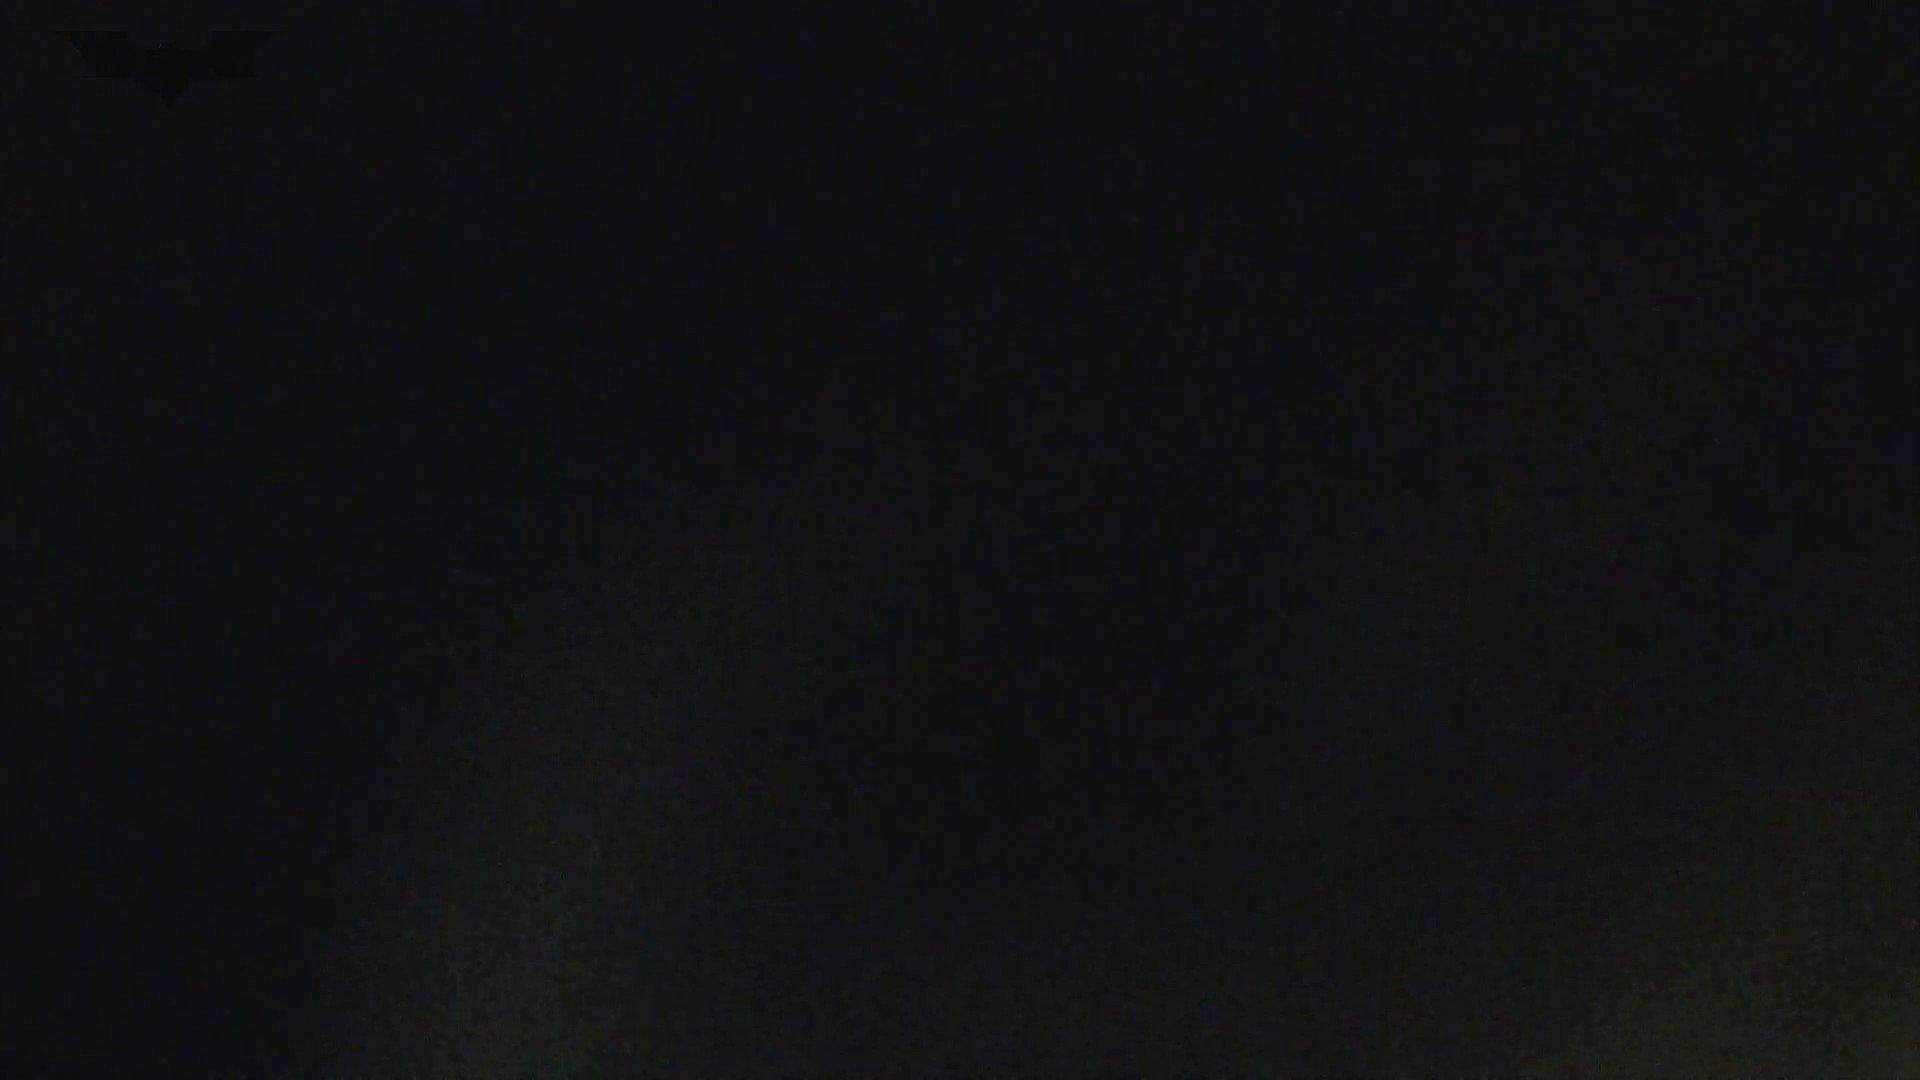 闇の花道 Vol.14影対ハイビジョン 身内のツマとの不倫陰部攻め 期間限定  109pic 71